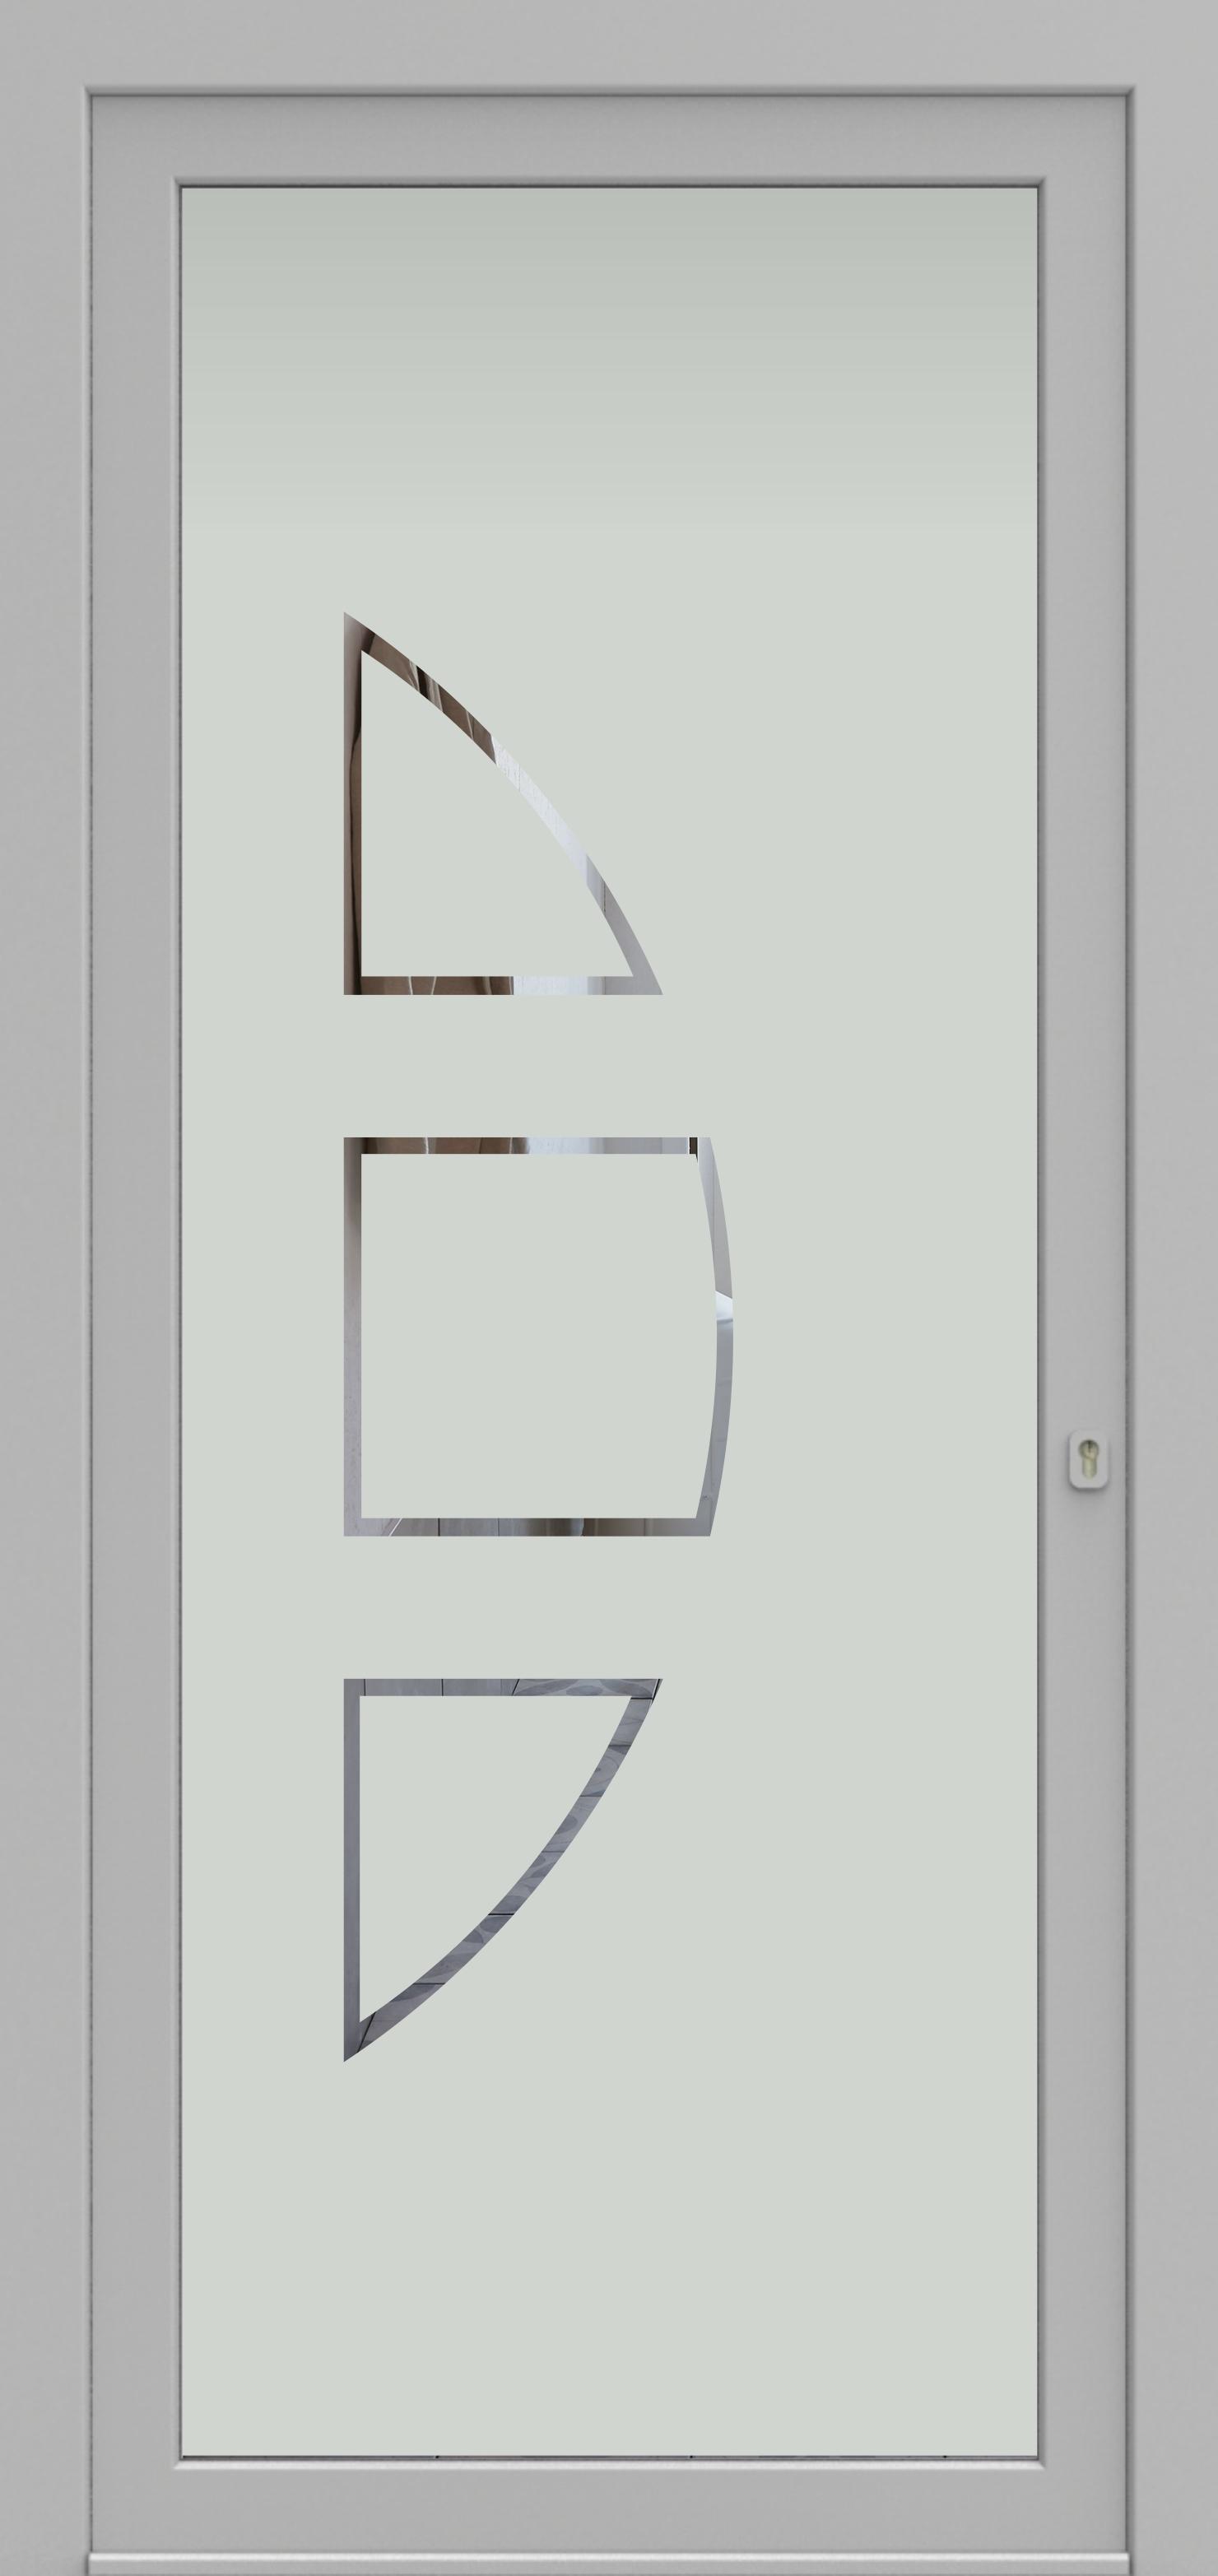 Porte d'entrée DECOVER 2/05 de la gamme Decover posée par les établissements CELEREAU à Roncq